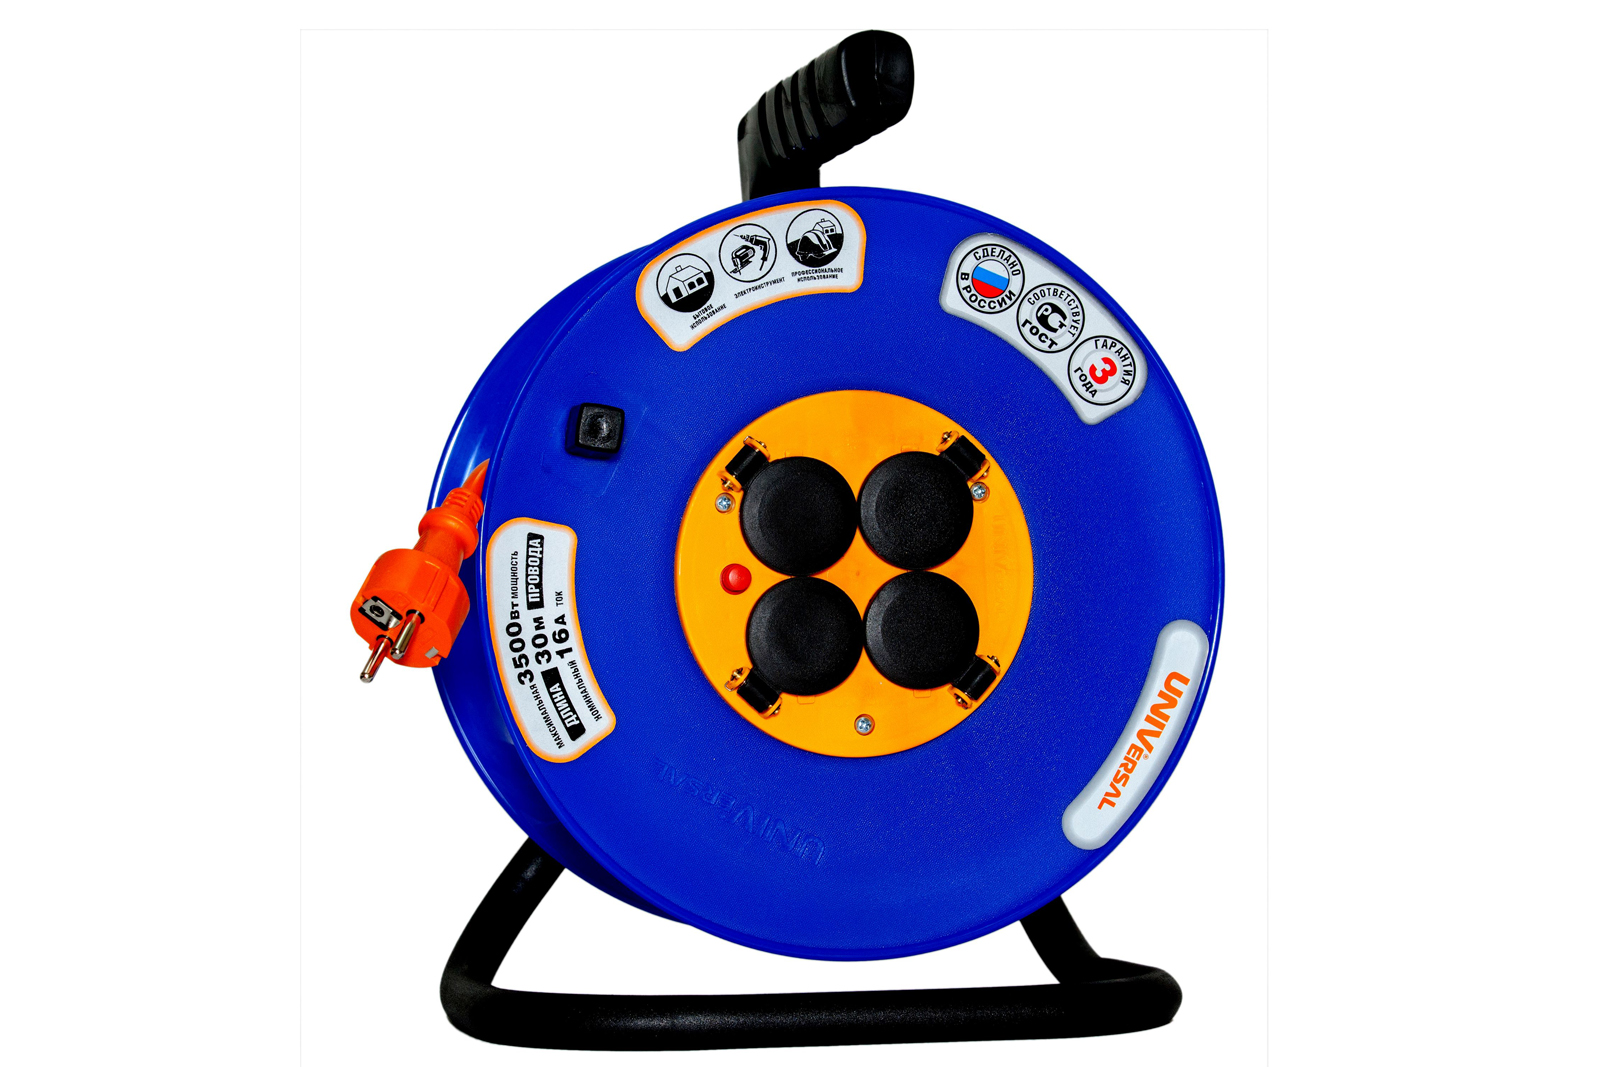 Удлинитель Universal ВЕМ-250 ip-44 термо ПВС 3*1,5 4гнезда 50м силовой удлинитель universal вем 259 ip 44 термо кг 3 1 5 50м 9632974